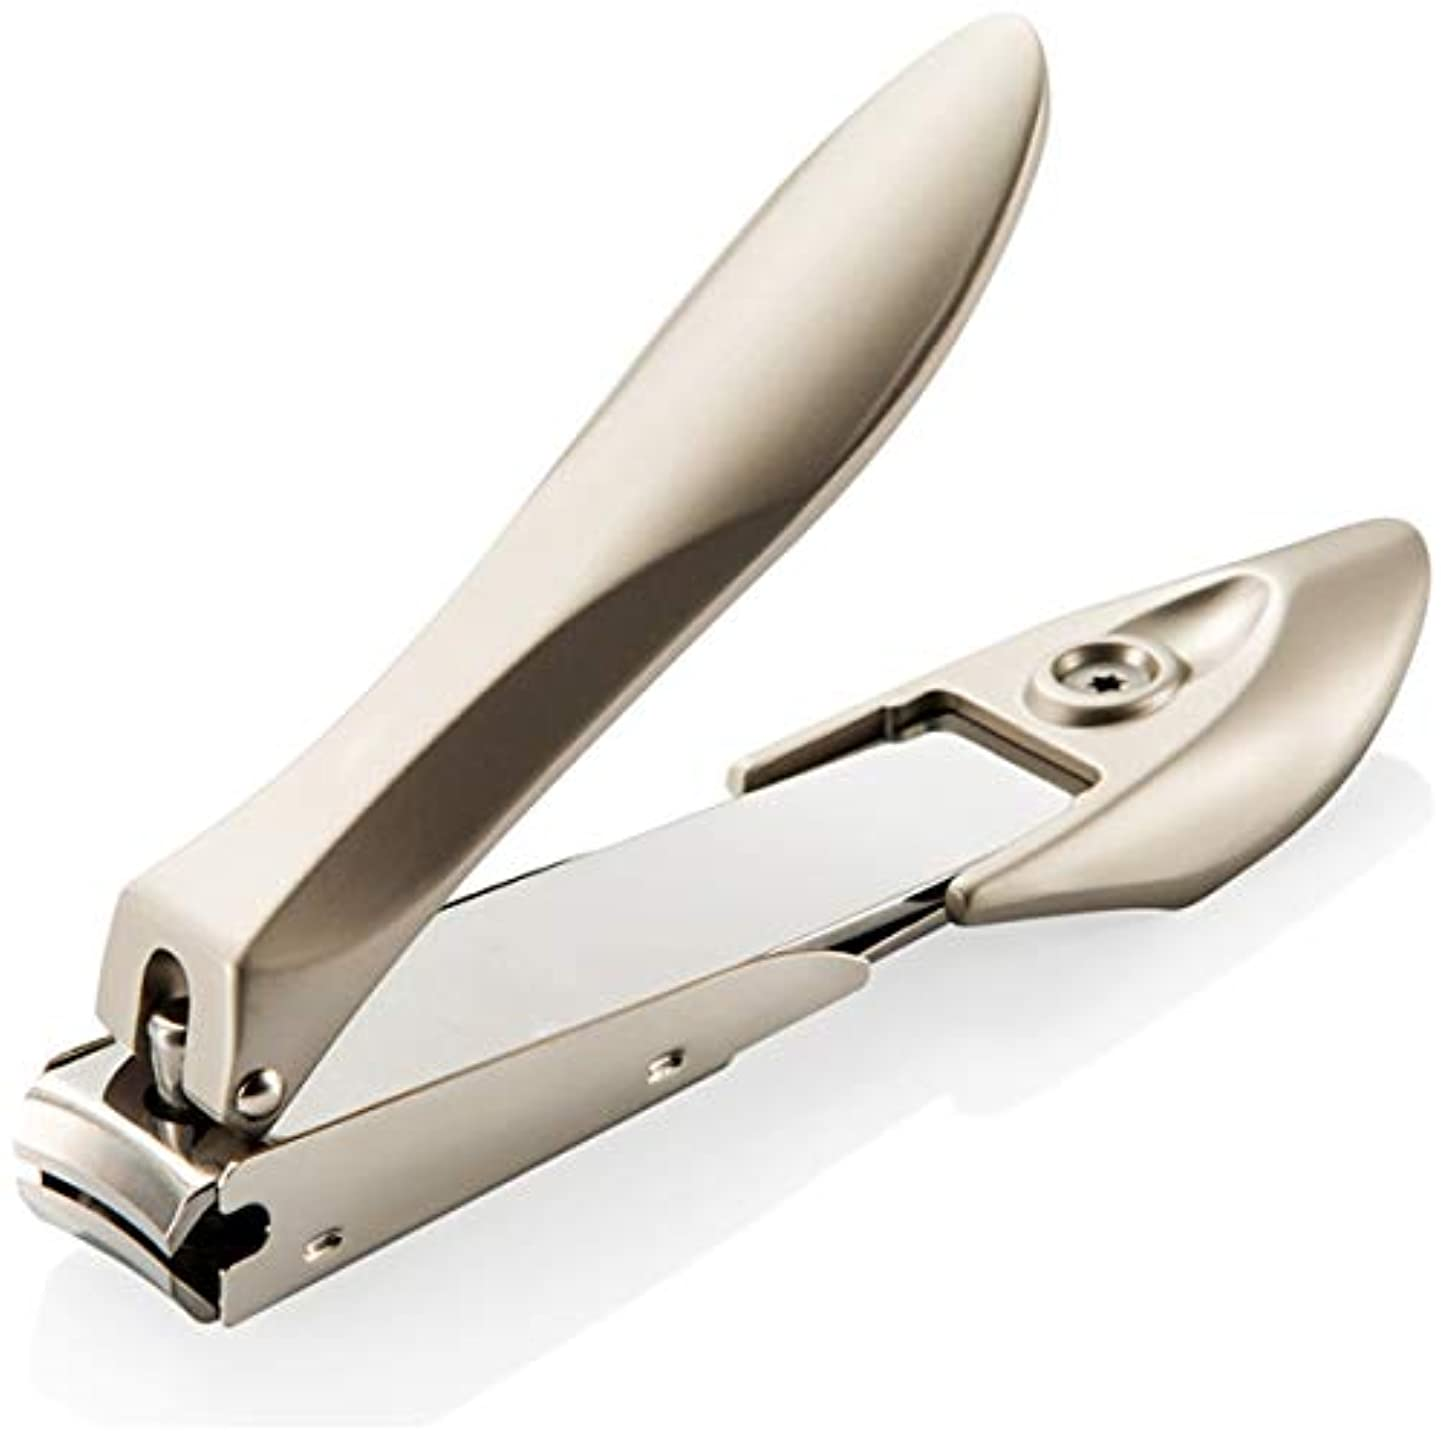 ピジン欠陥ピアノを弾く爪切り,つめきり,tazat飛び散り防止爪切り,ネイルケア,爪切りニッパー,爪ケア (T01)